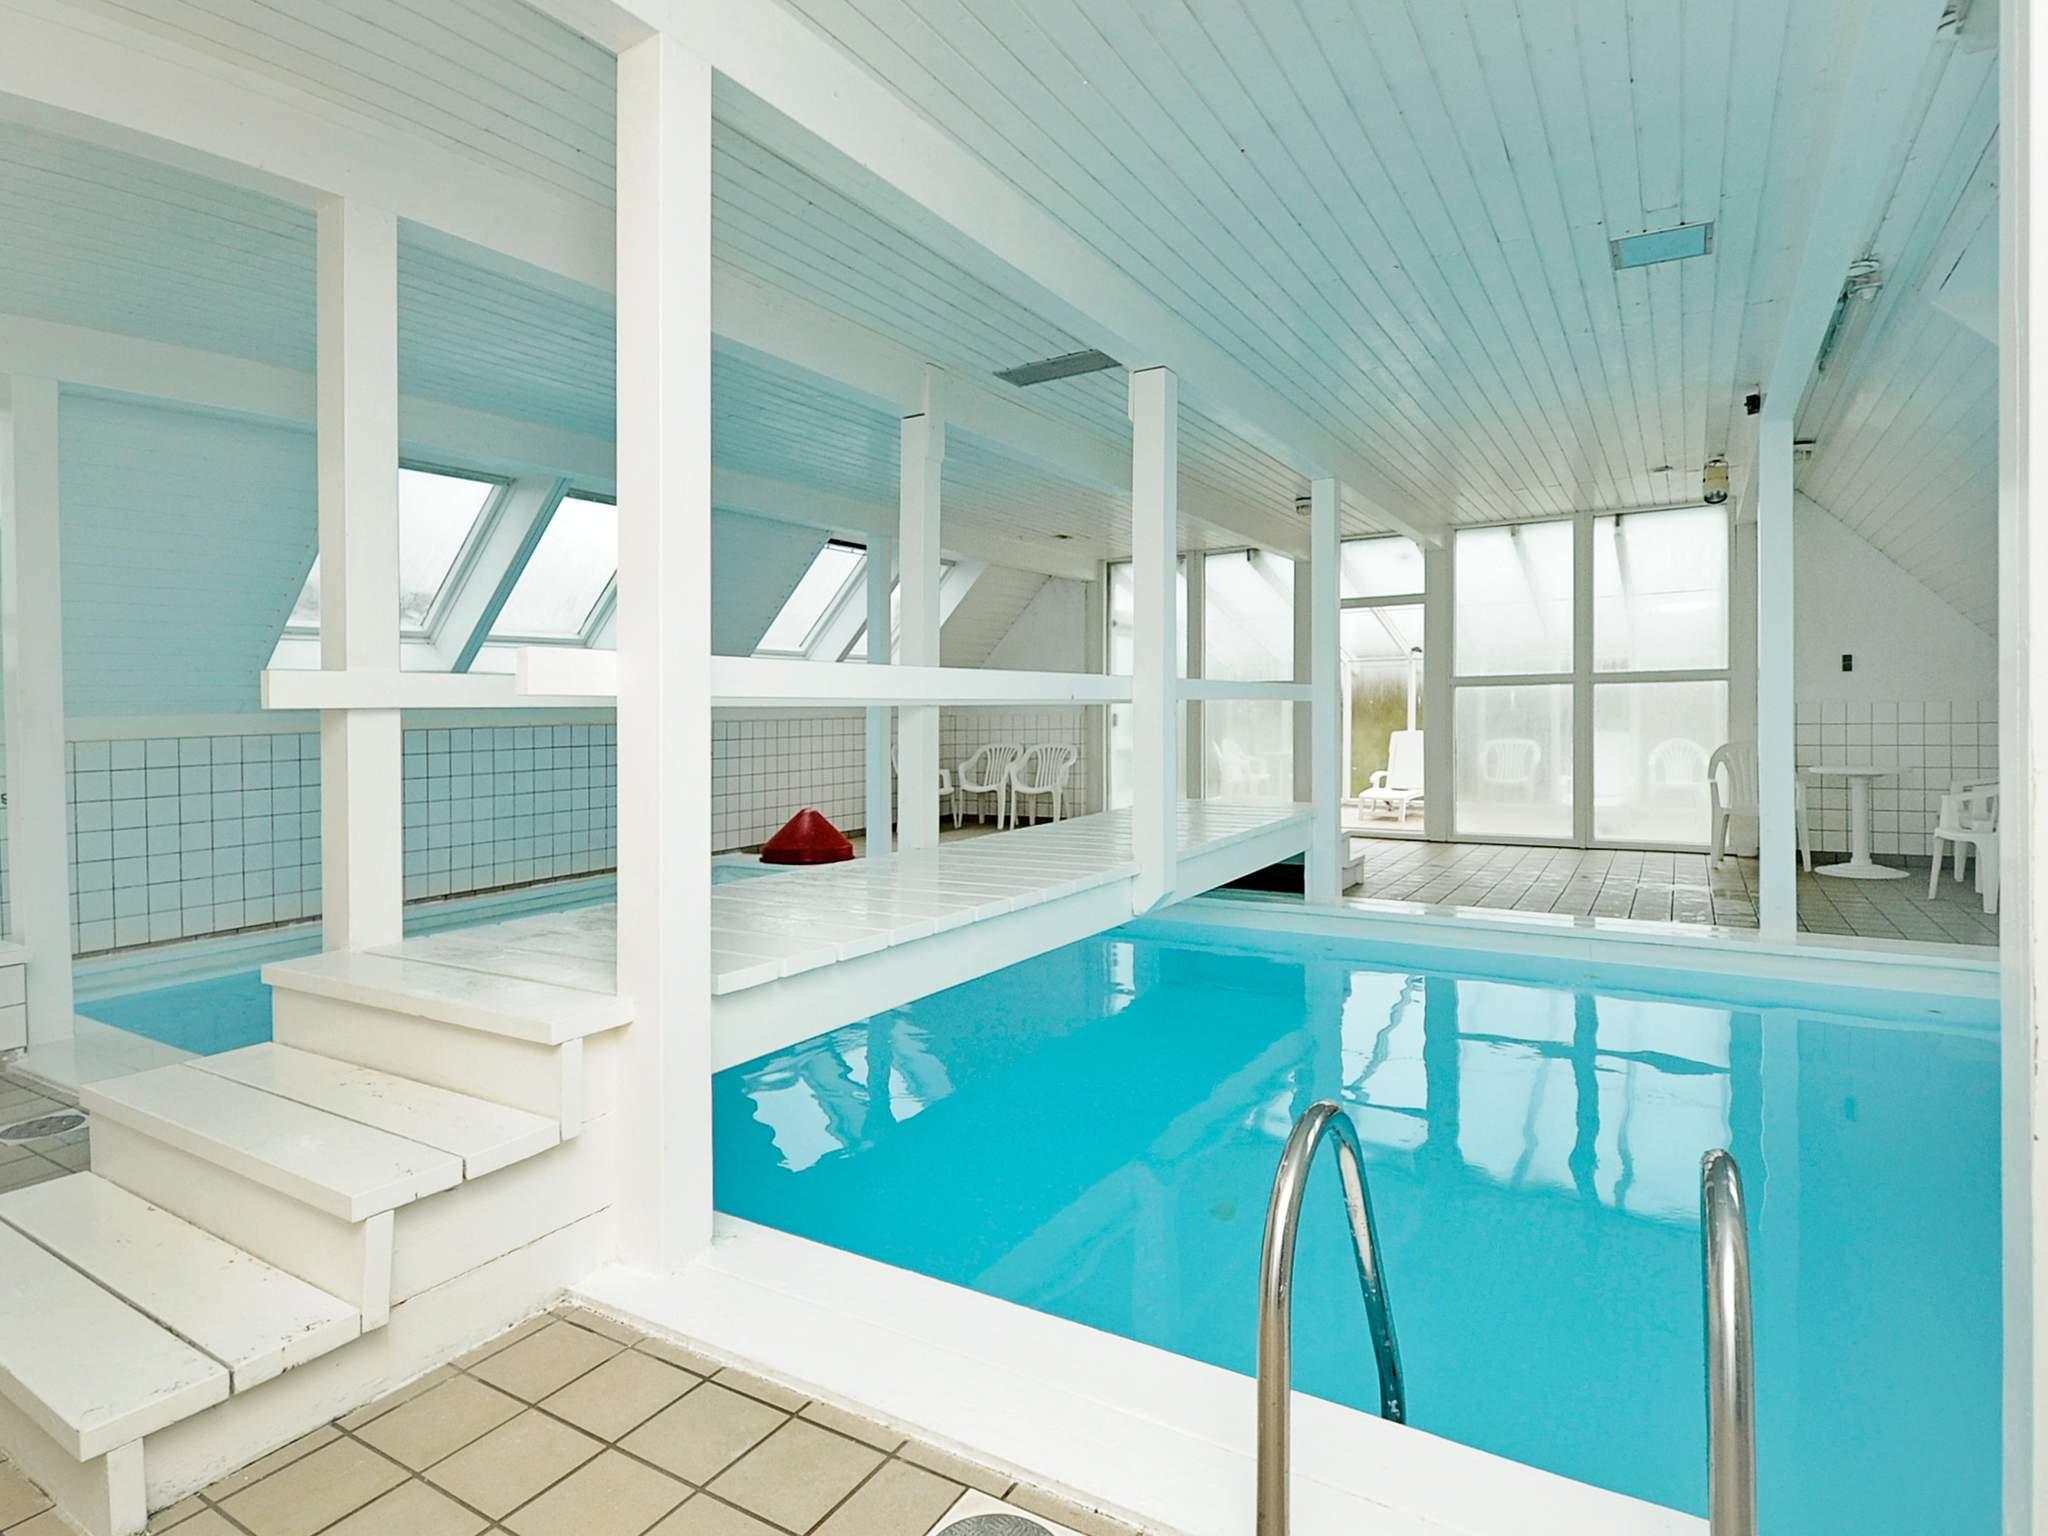 Ferienhaus Fjaltring Ferieby (88880), Fjaltring, , Limfjord, Dänemark, Bild 30